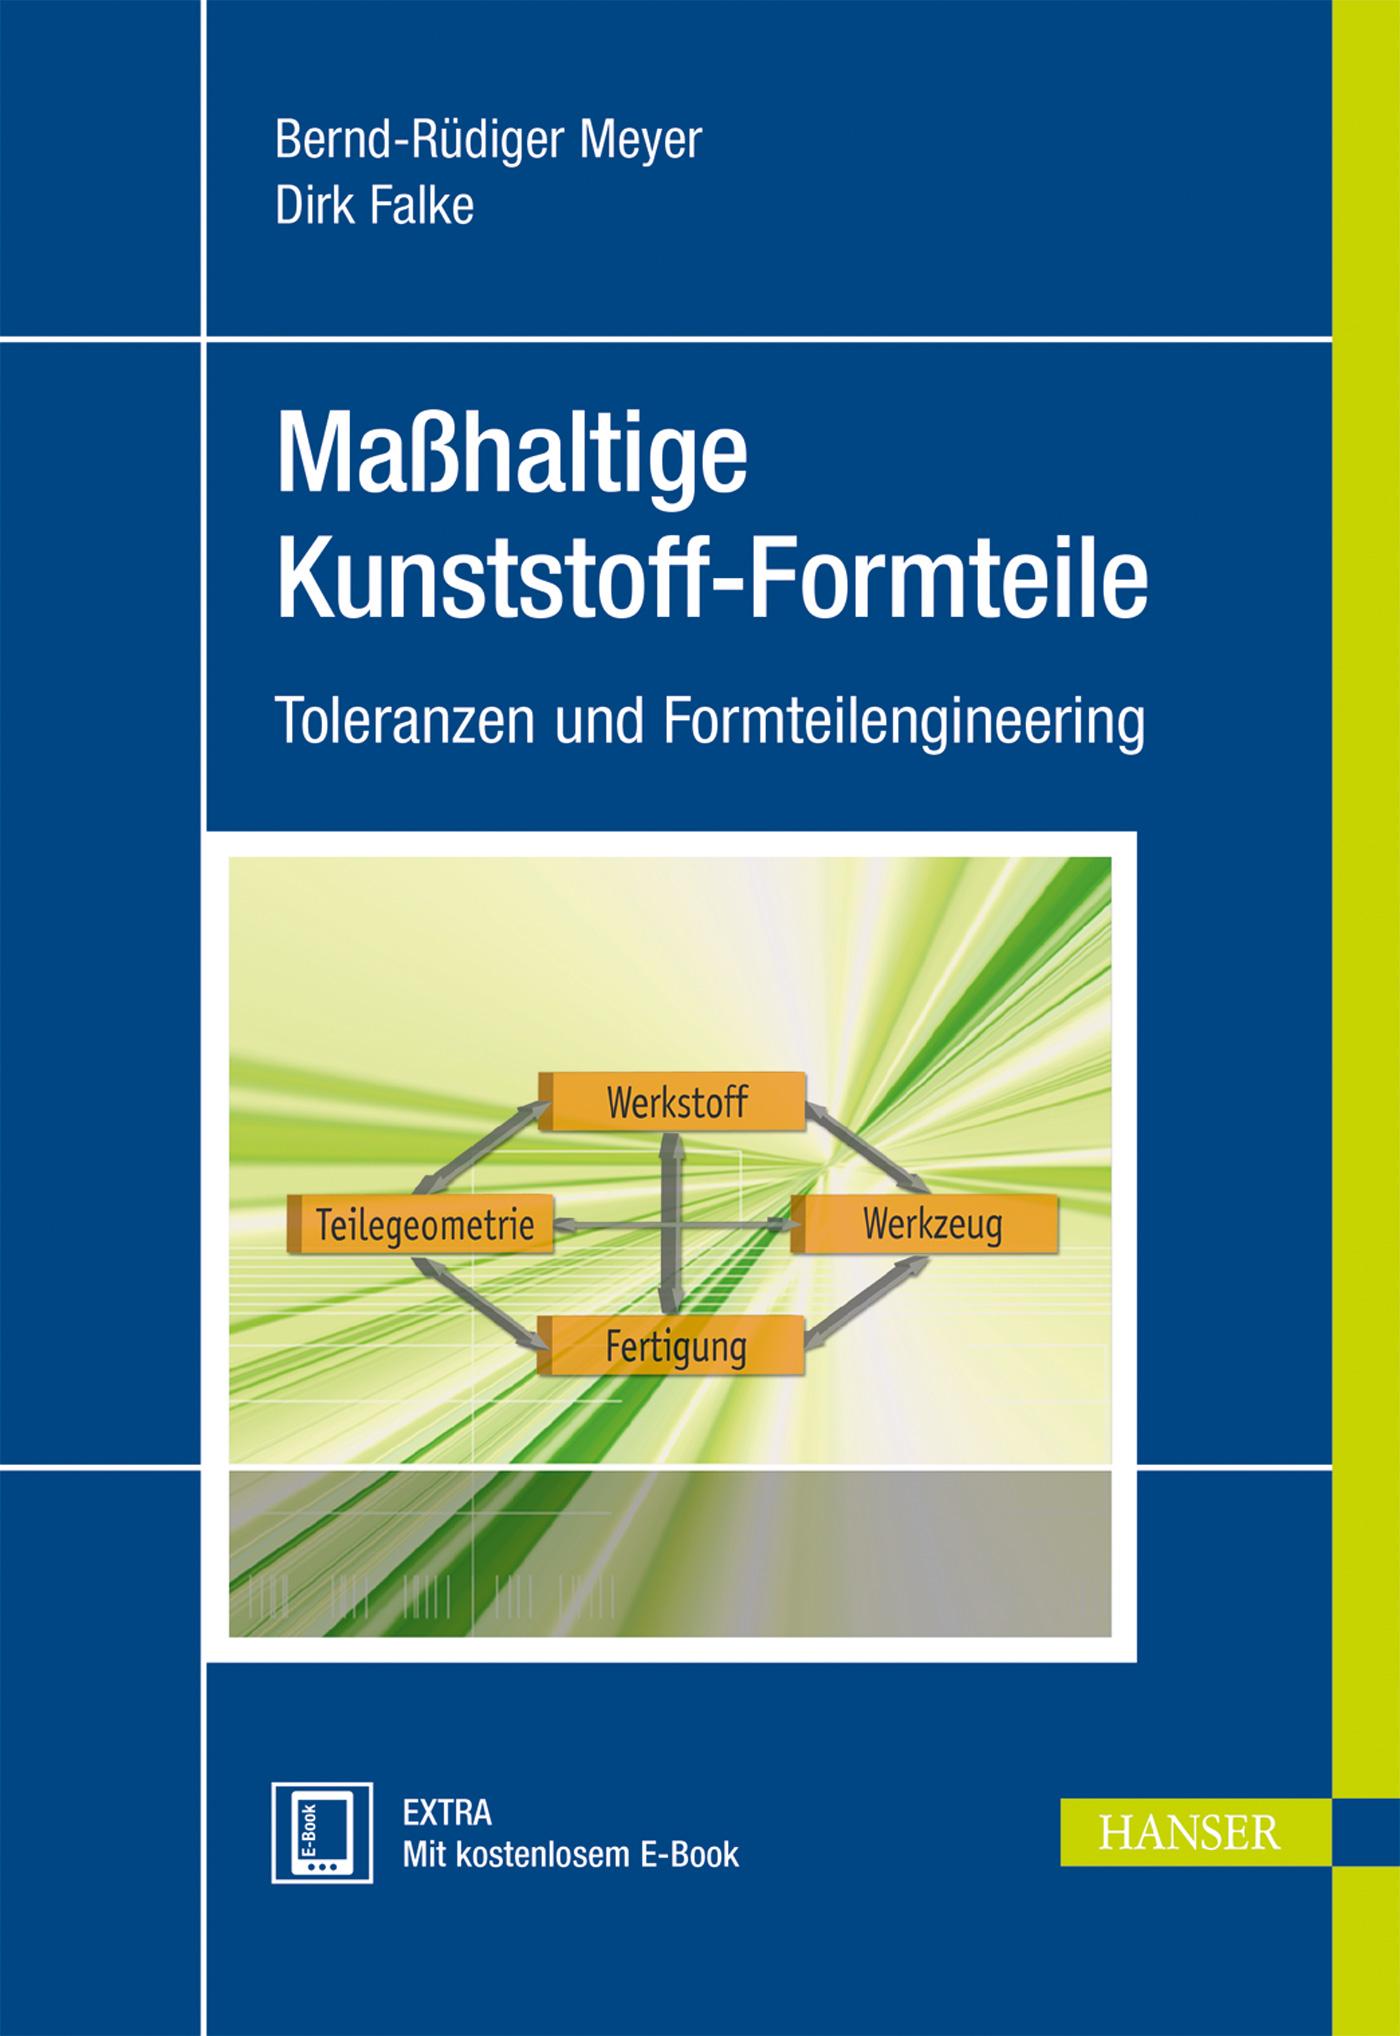 Meyer, Falke, Maßhaltige Kunststoff-Formteile, 978-3-446-43687-9